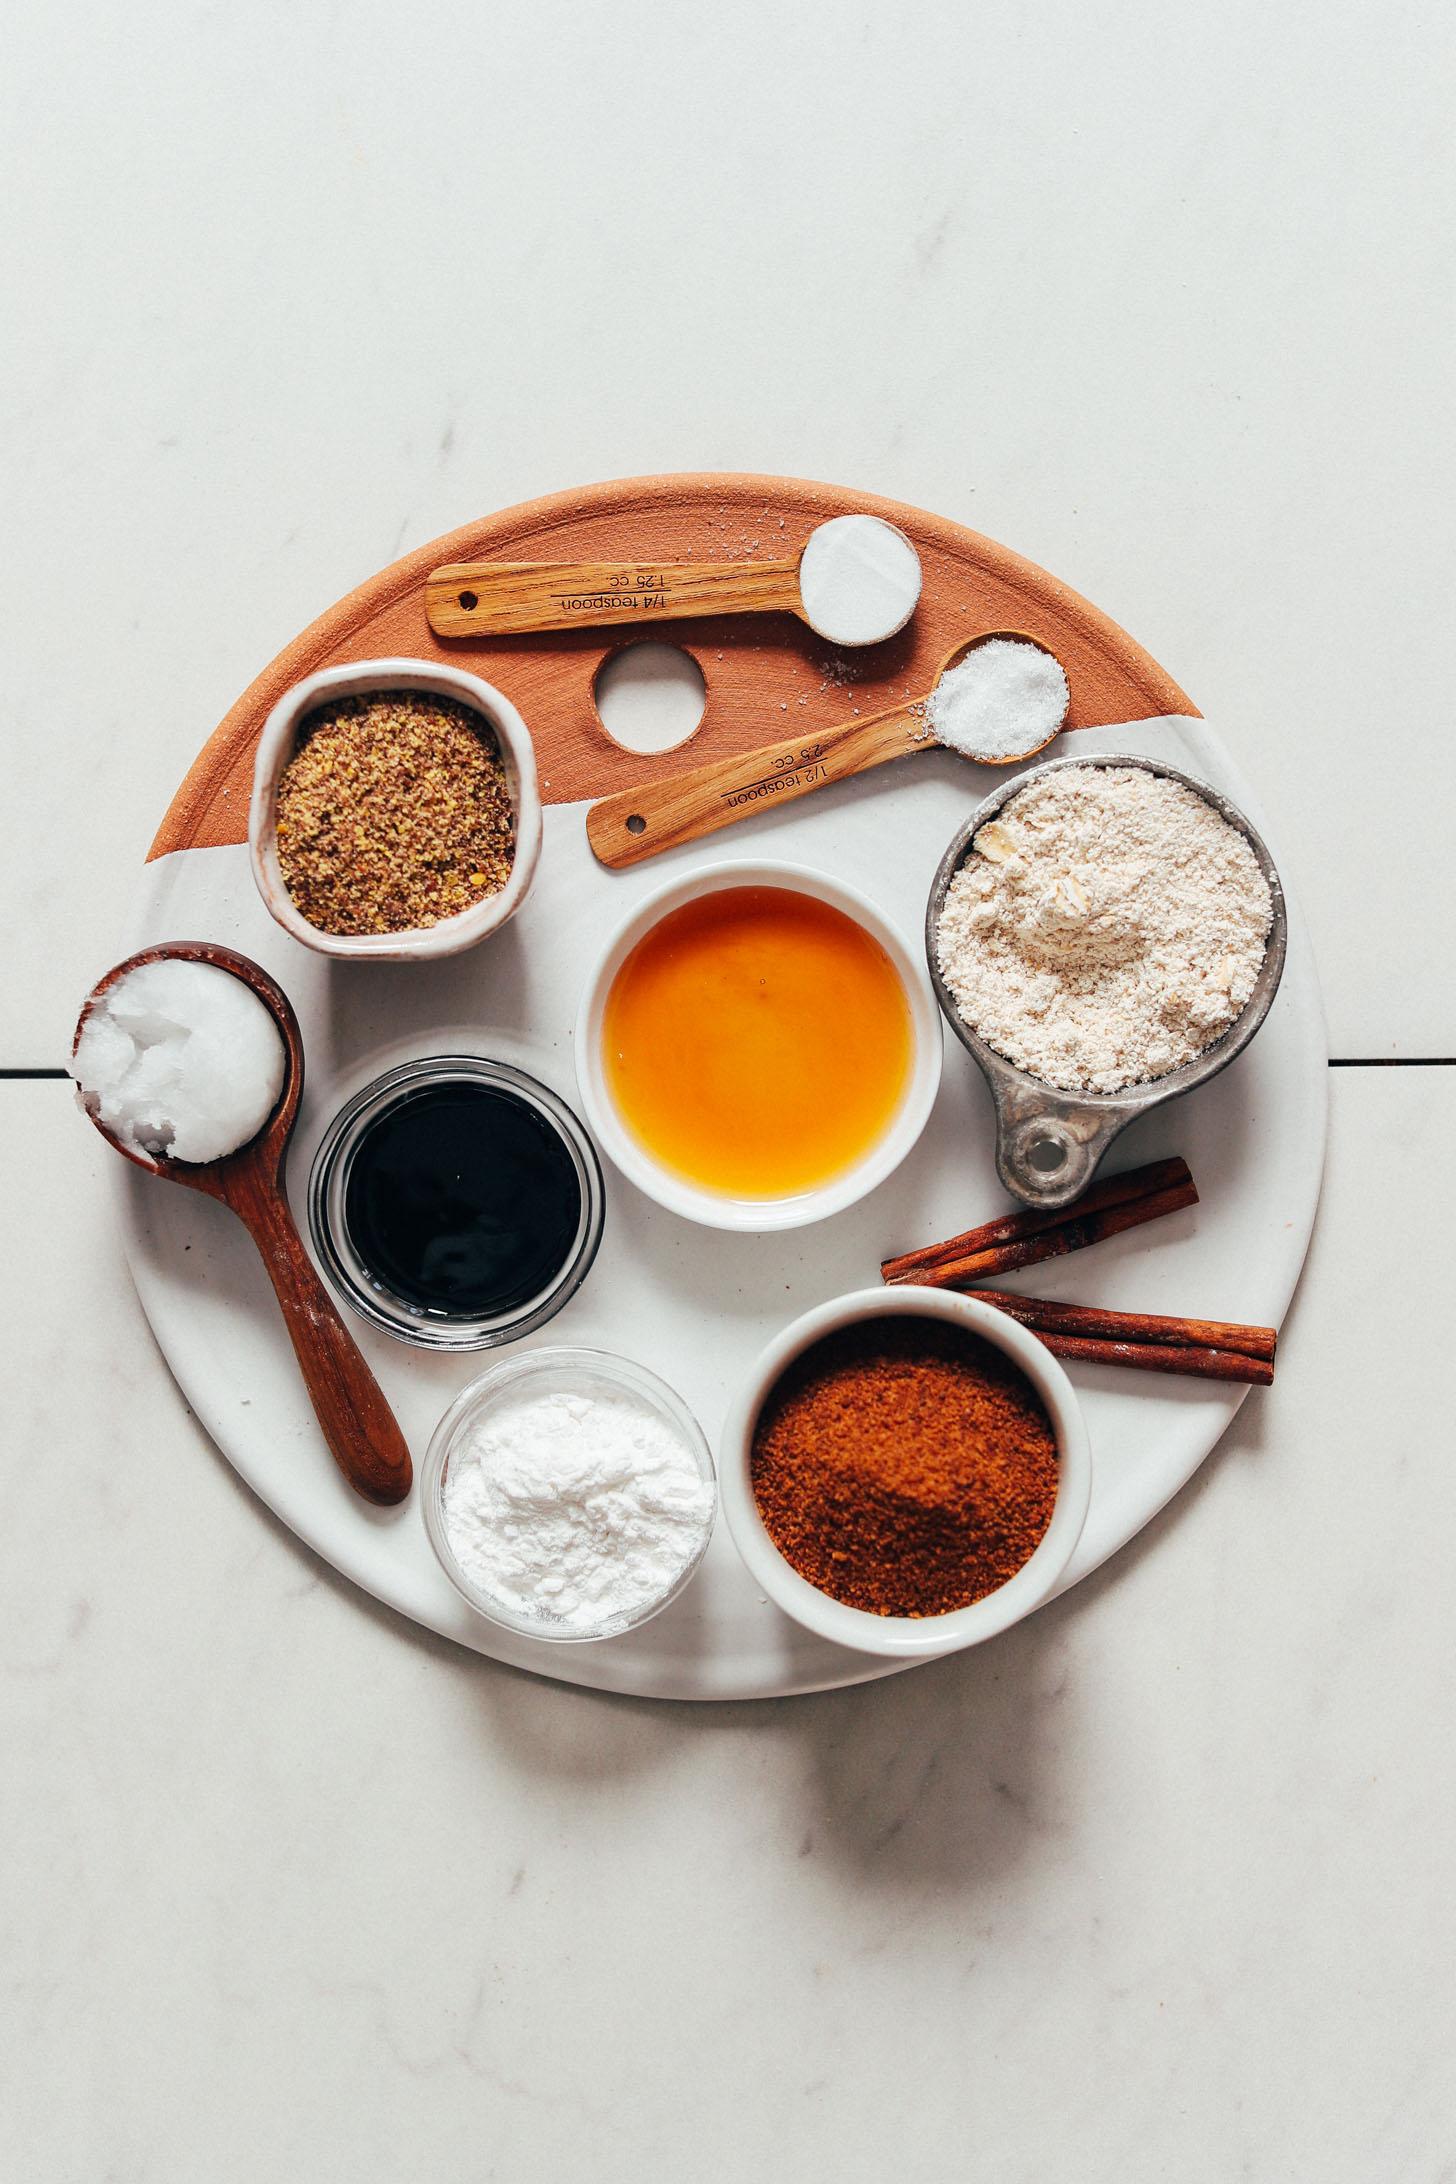 Tálca kókuszcukorral, szódabikarbónával, tengeri sóval, fahéjjal, juharsziruppal, melasz, kókuszolaj, zabliszt, nyílgyökér-keményítő és őrölt len